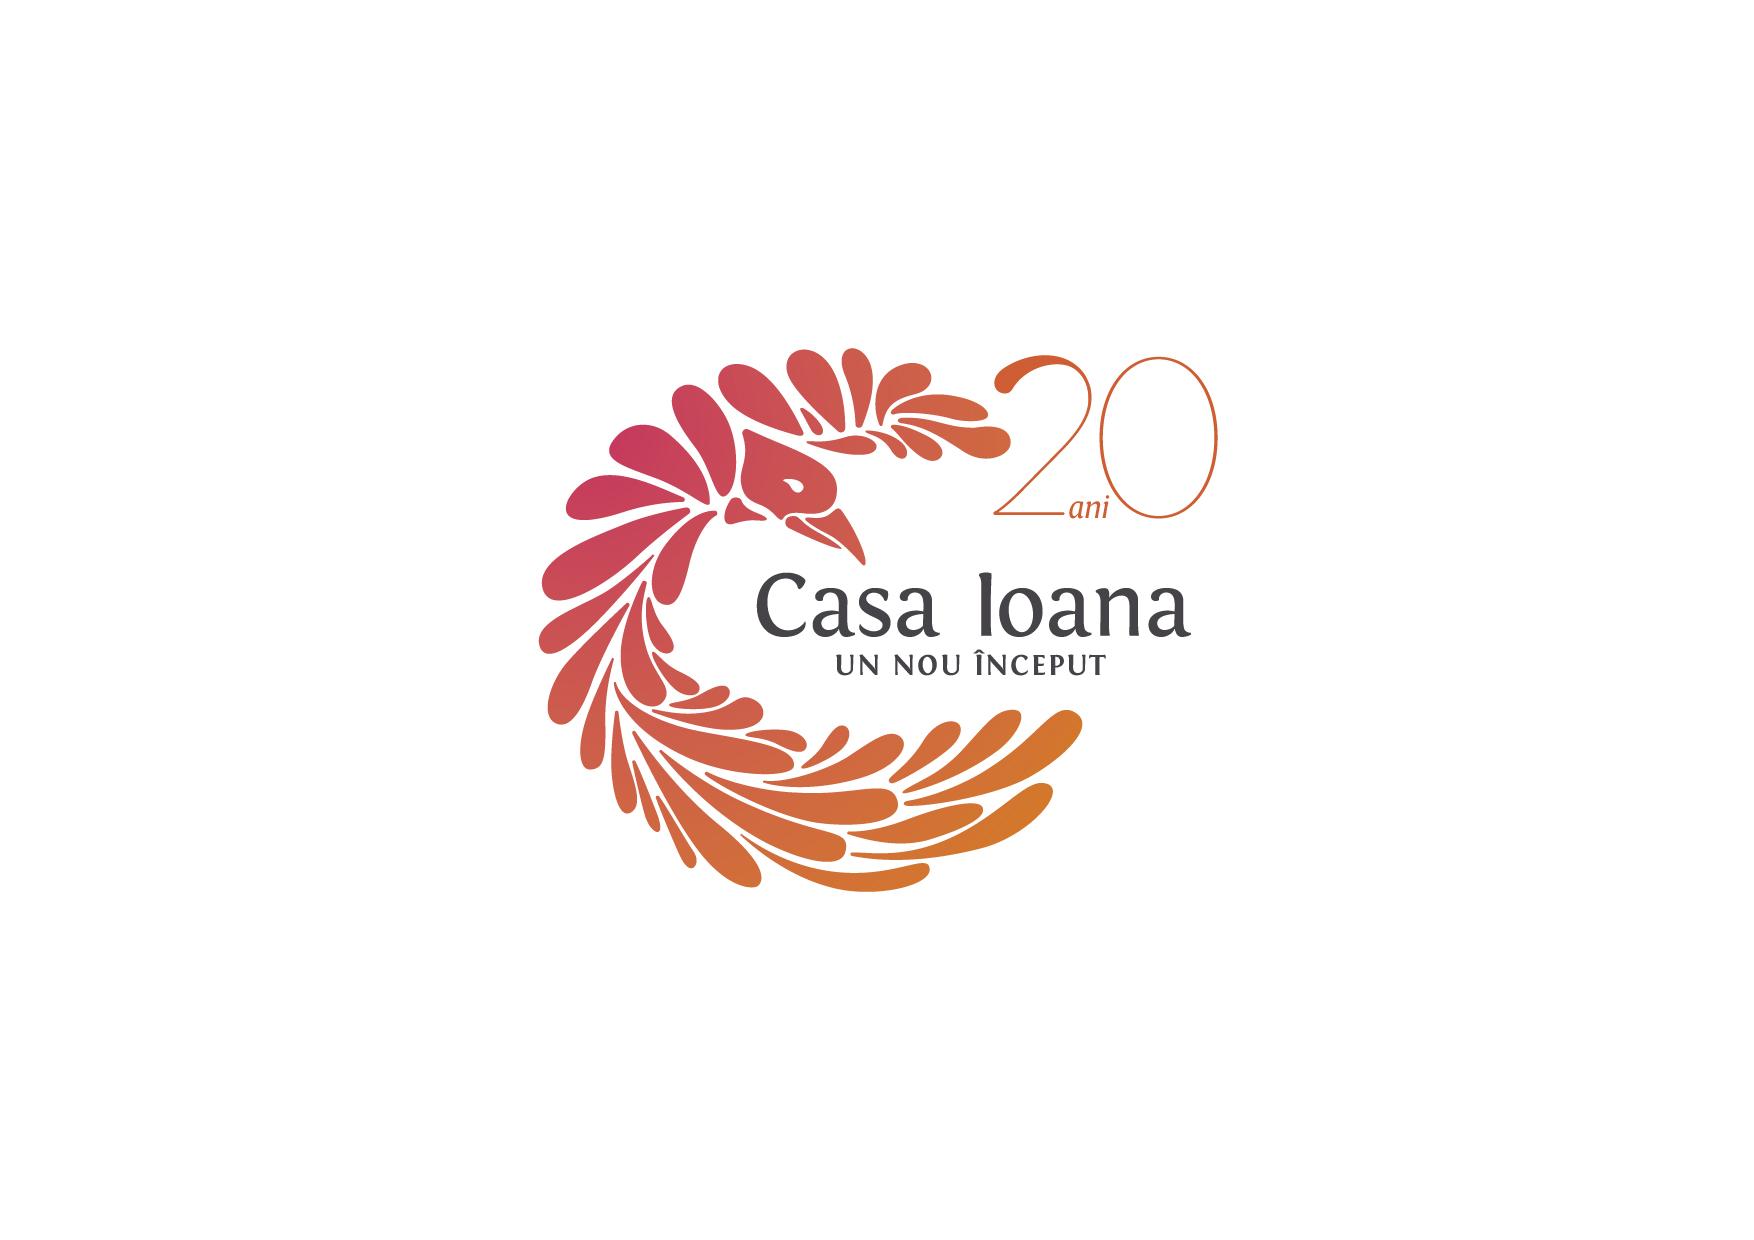 Logo_aniversar_CasaIoana_FINAL-02